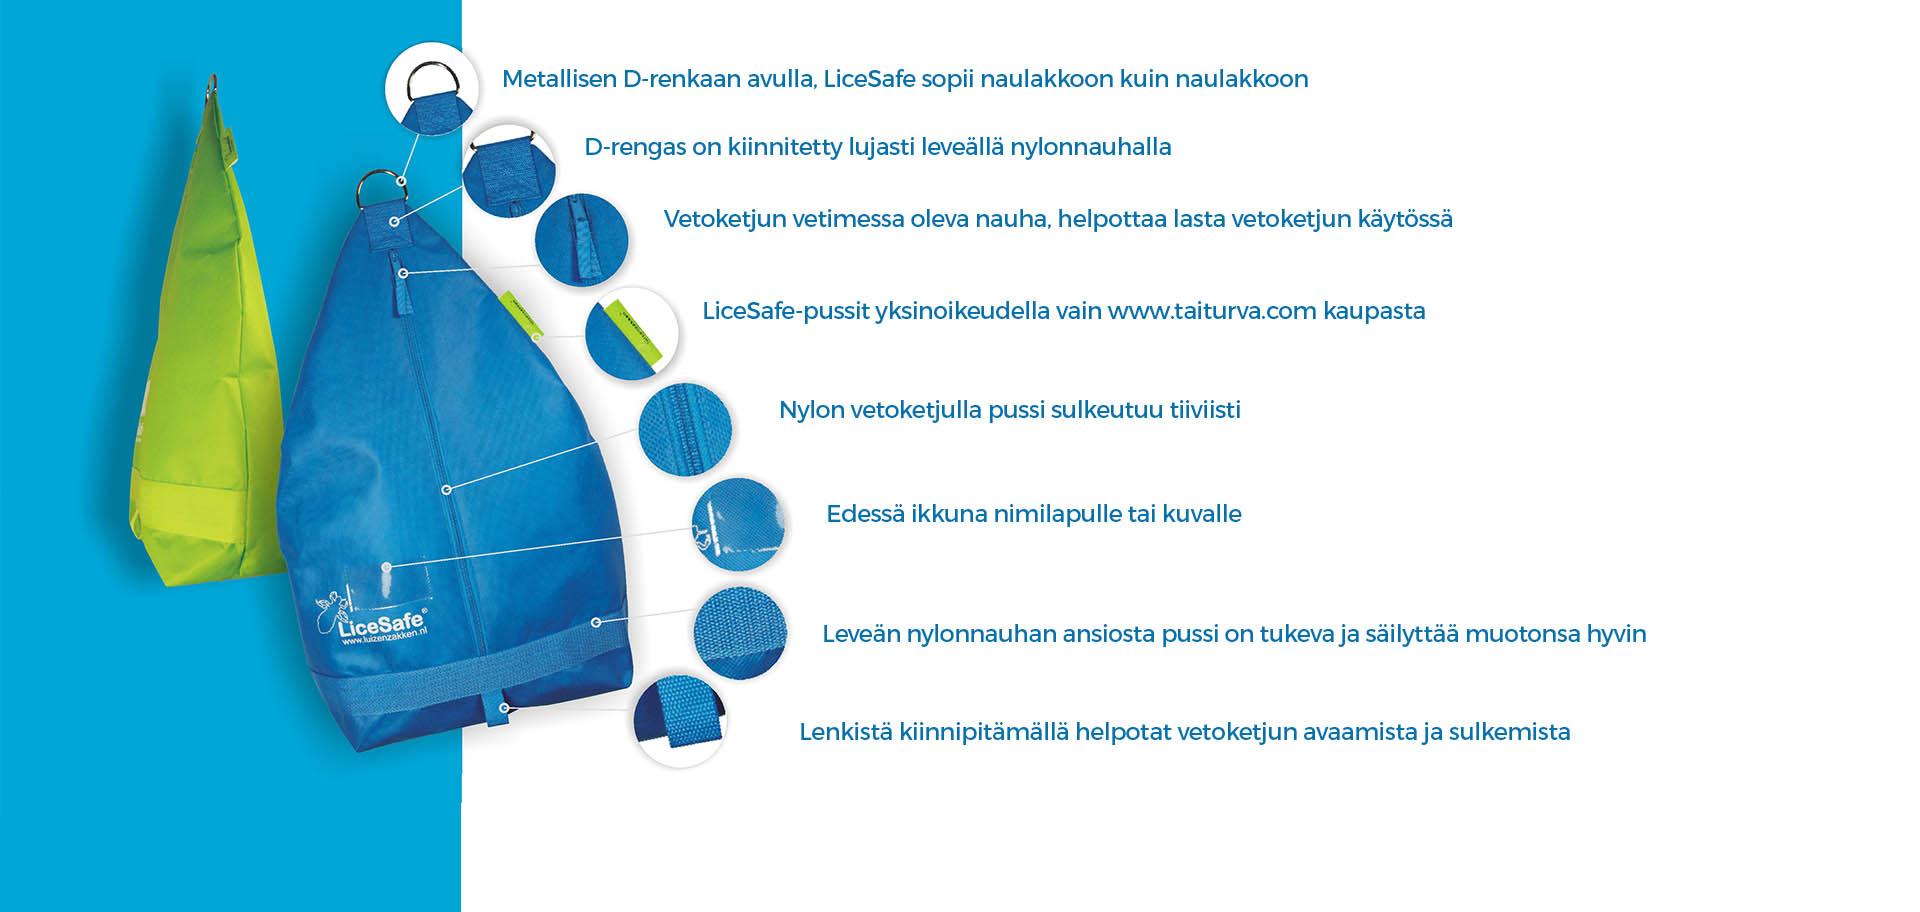 taiturva-slider7-taipussit-taiden-haato-paatai-2